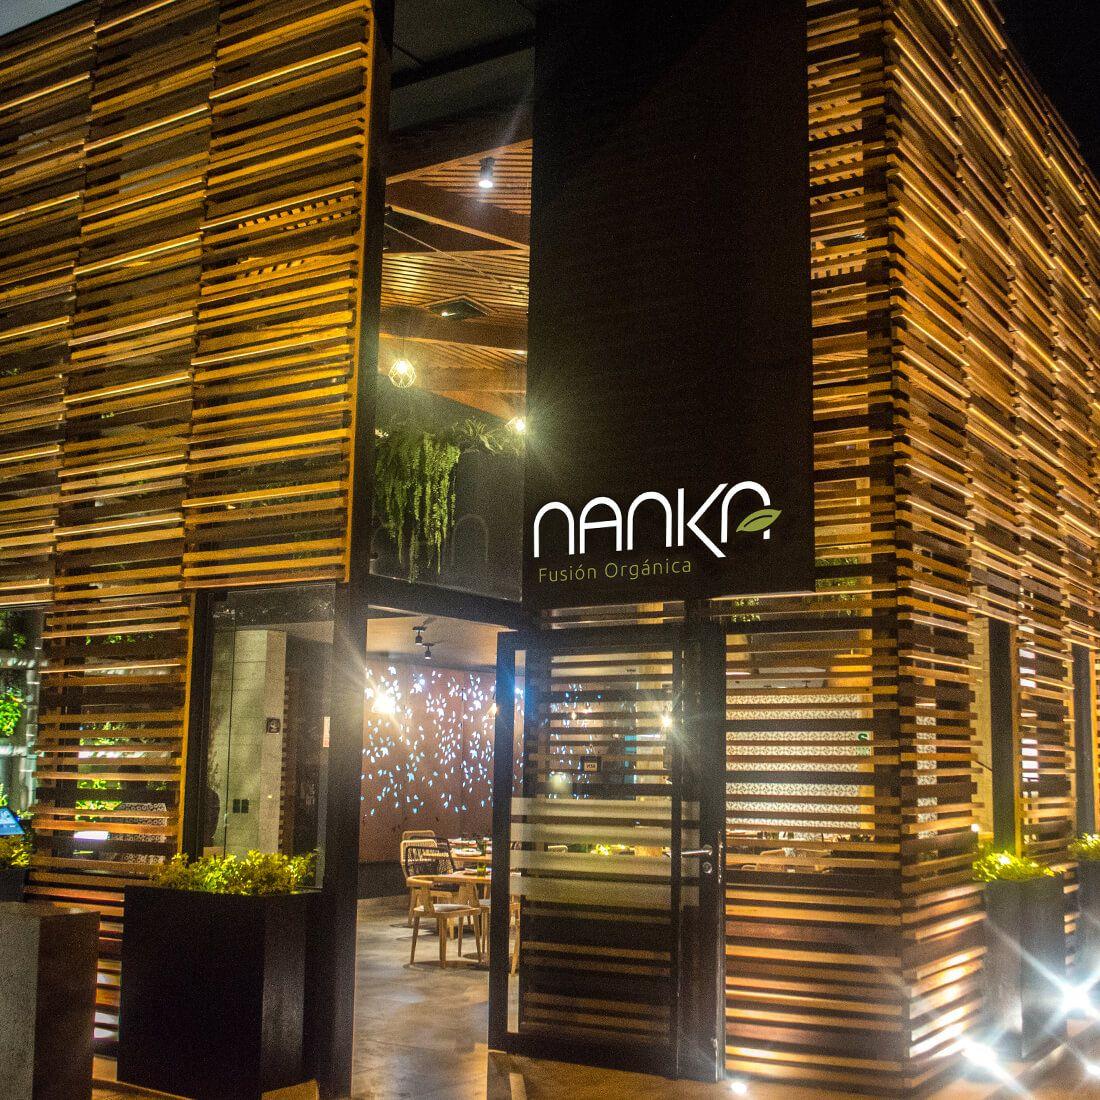 NANKA SAN ISIDRO Restaurant - and Peruvian Food FUSION - SAN ISIDRO - MESA 24/7 Guide | LIMA - Peru